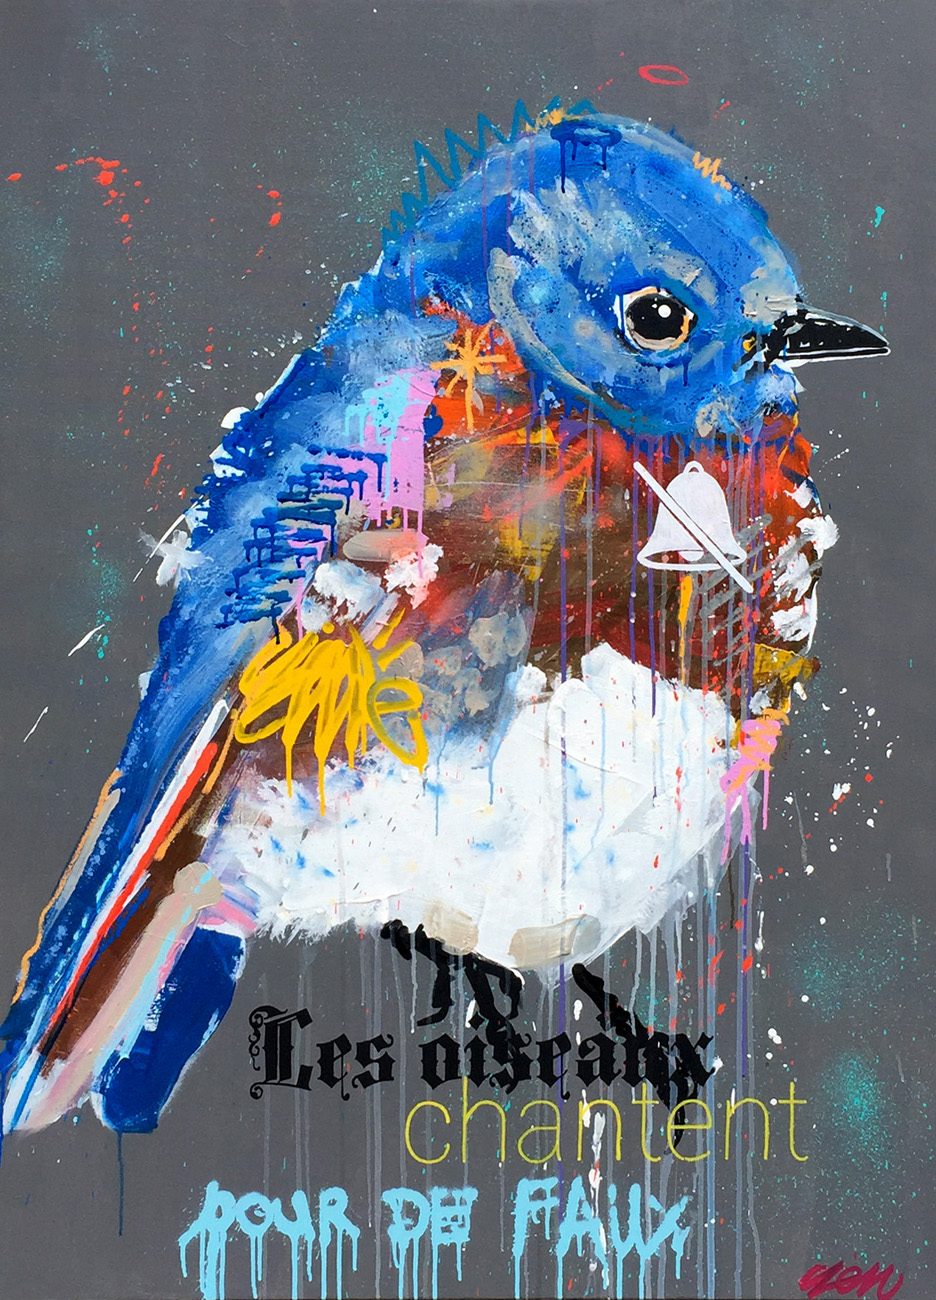 les-oiseaux-chantent-pour-de-faux-format-97x130-serie-des-oiseaux